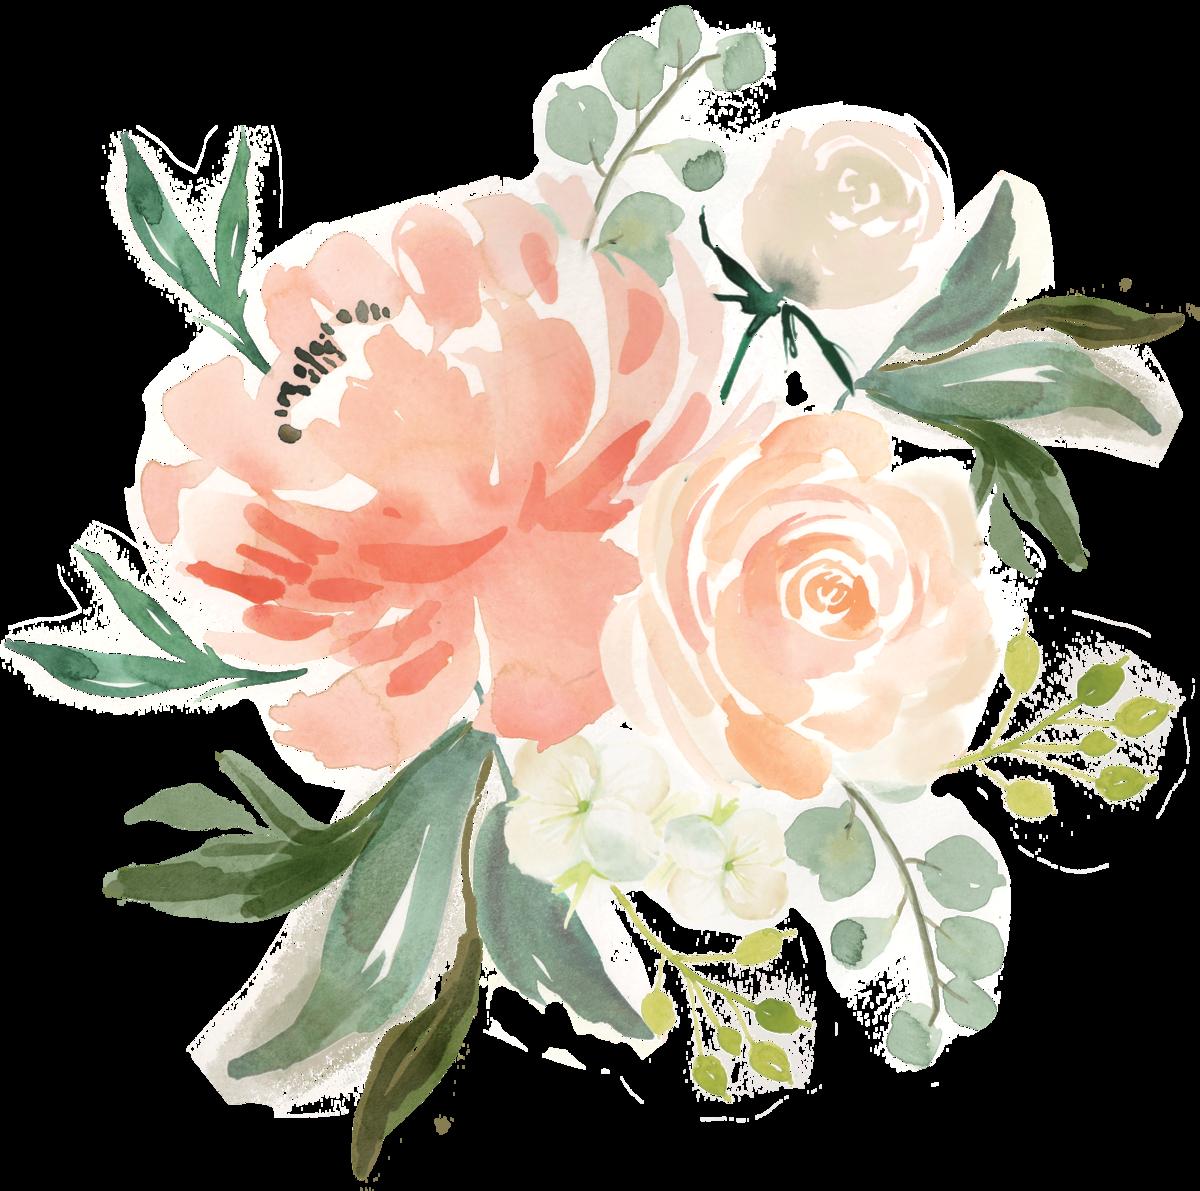 давно нежные цветы картинка пнг надела